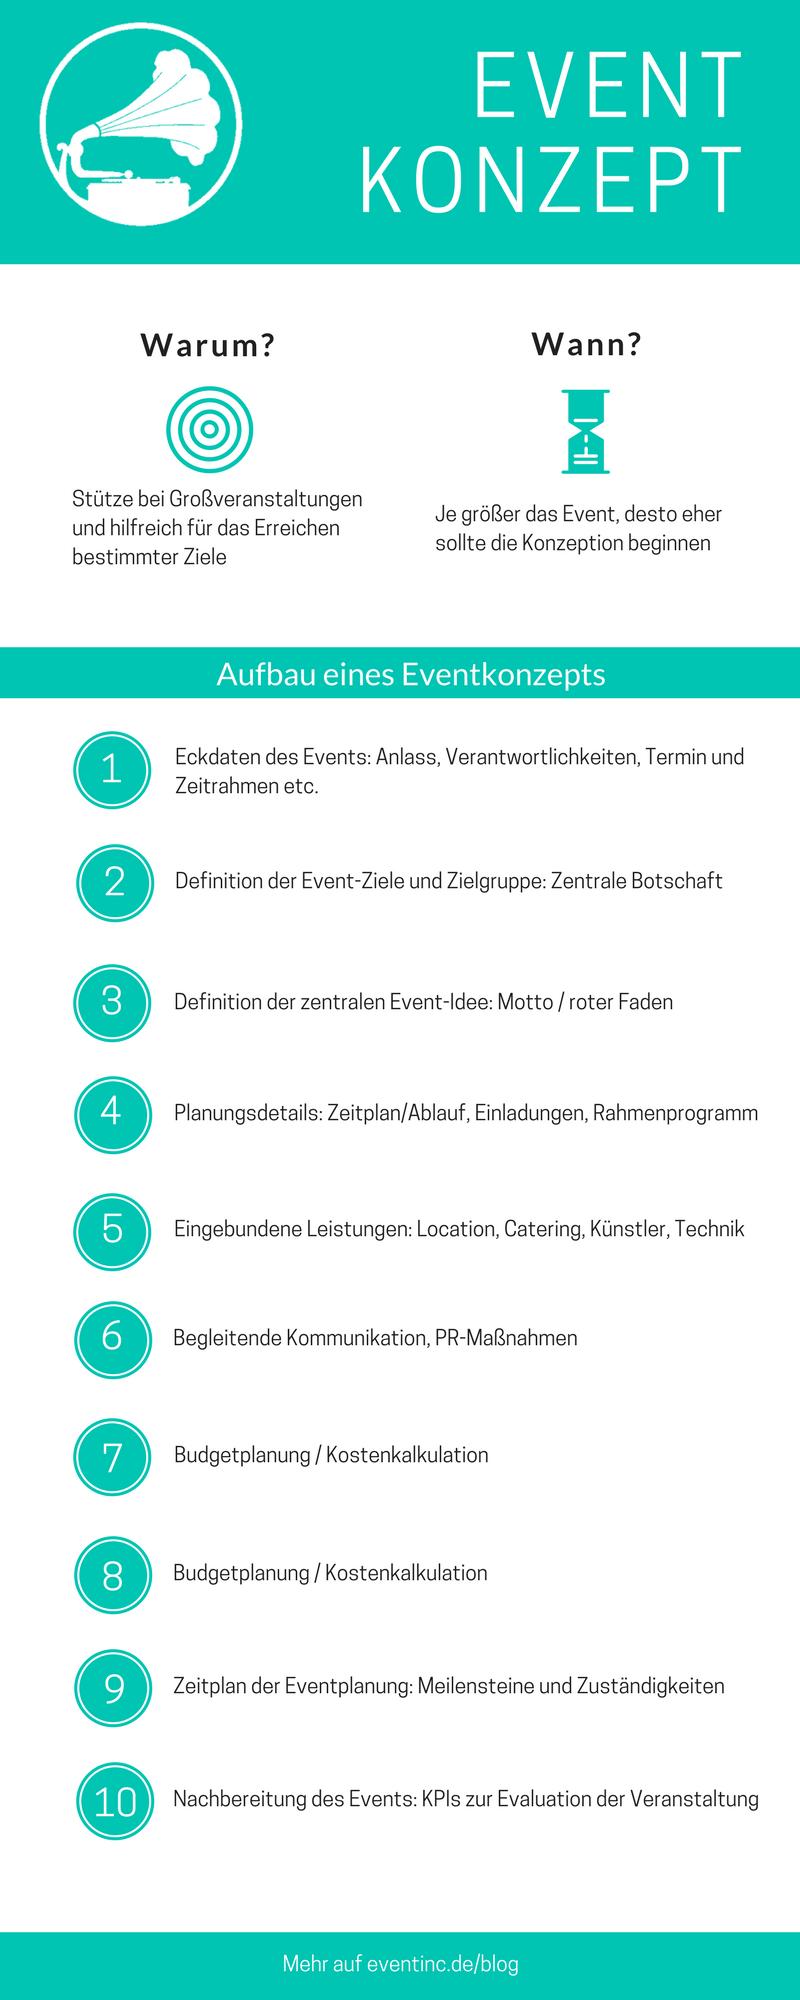 Eventkonzept Der Ultimative Bauplan Fur Ihr Veranstaltungskonzept Konzept Marketing Konzept Veranstaltung